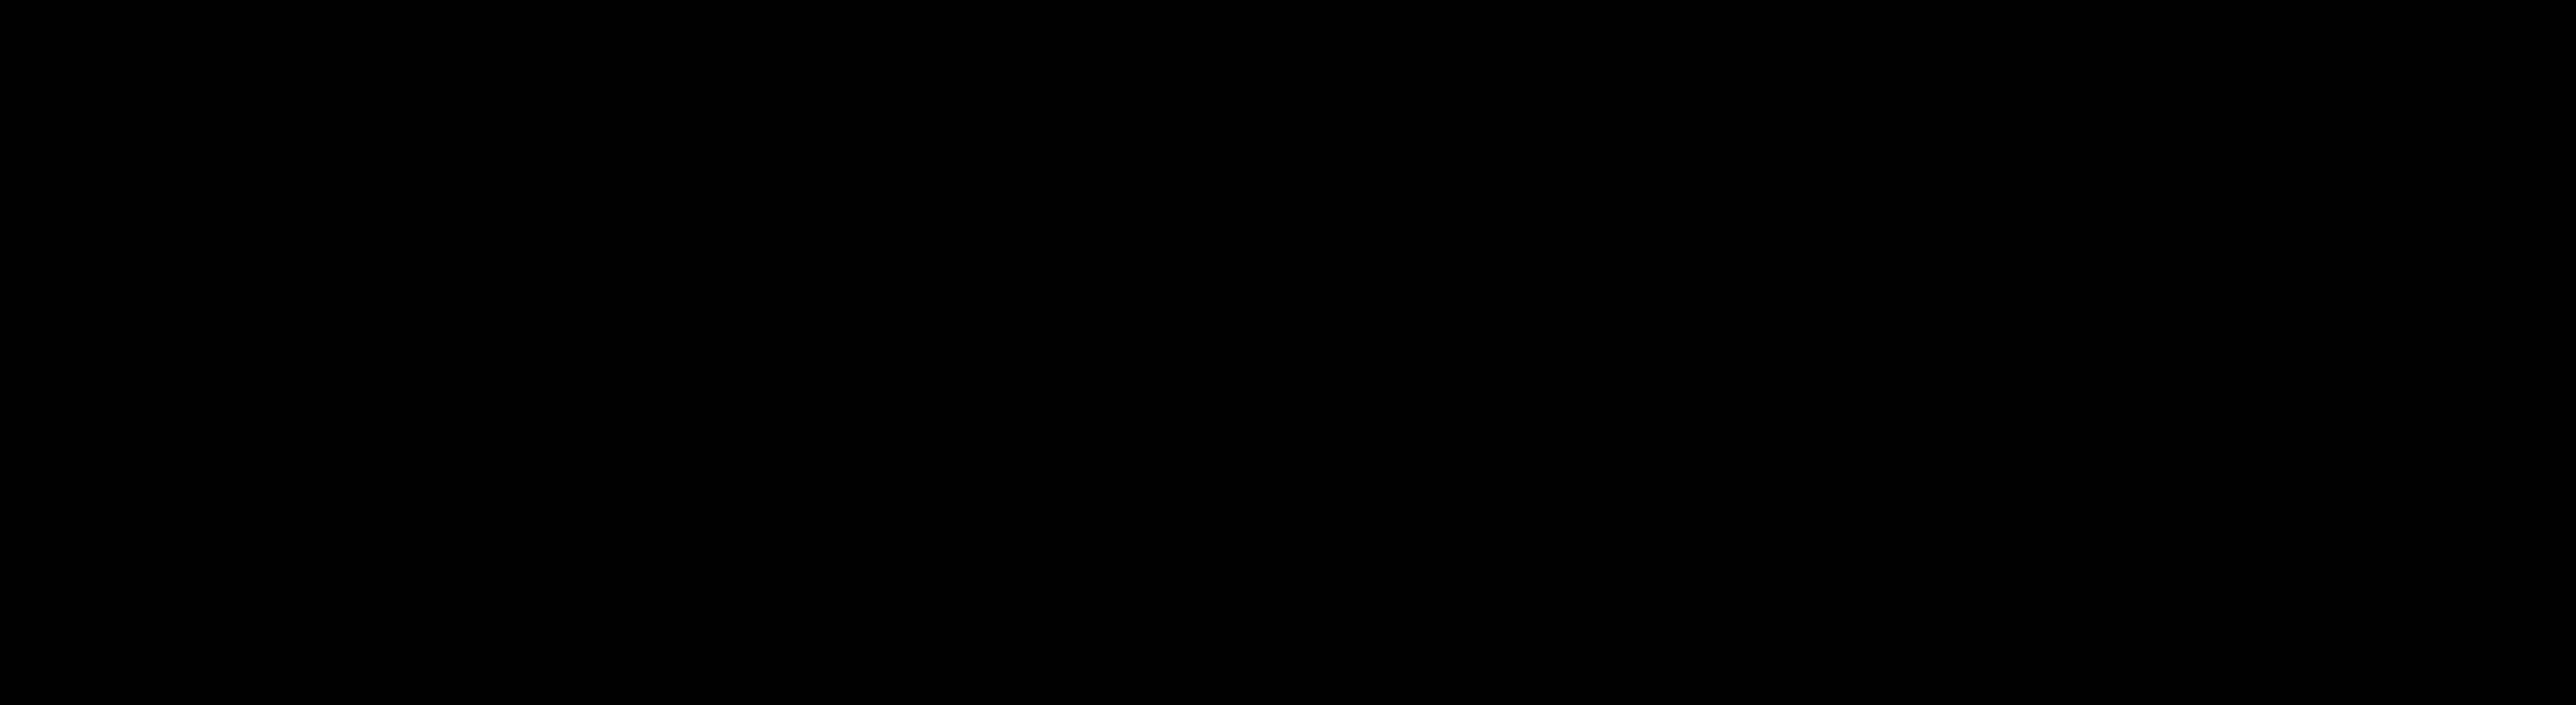 Asus - Logos Download